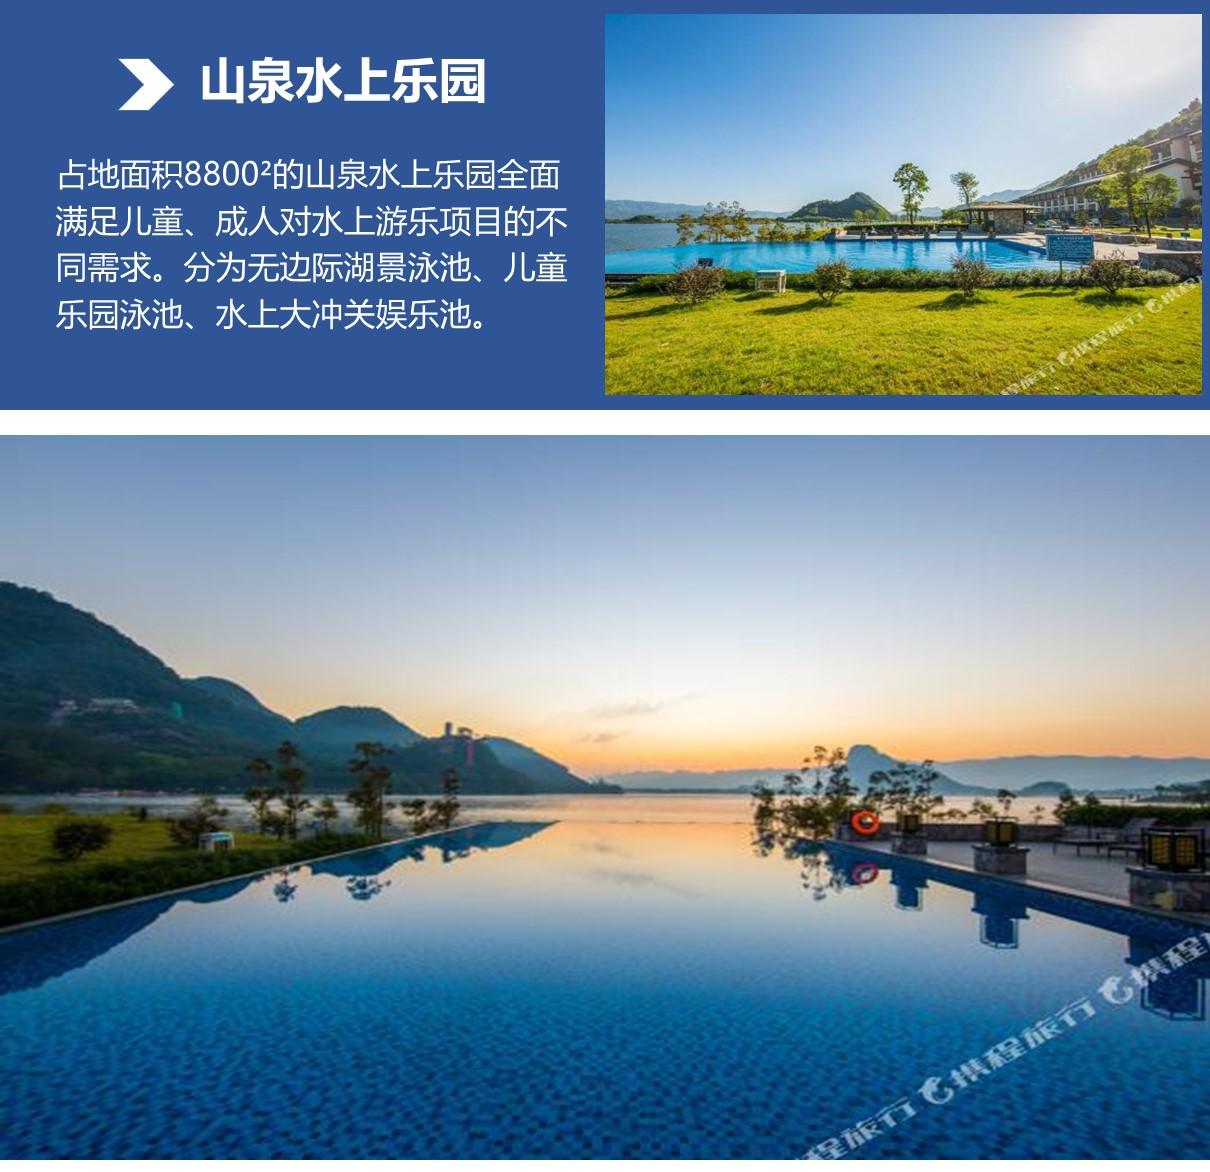 宝晶宫温泉度假酒店